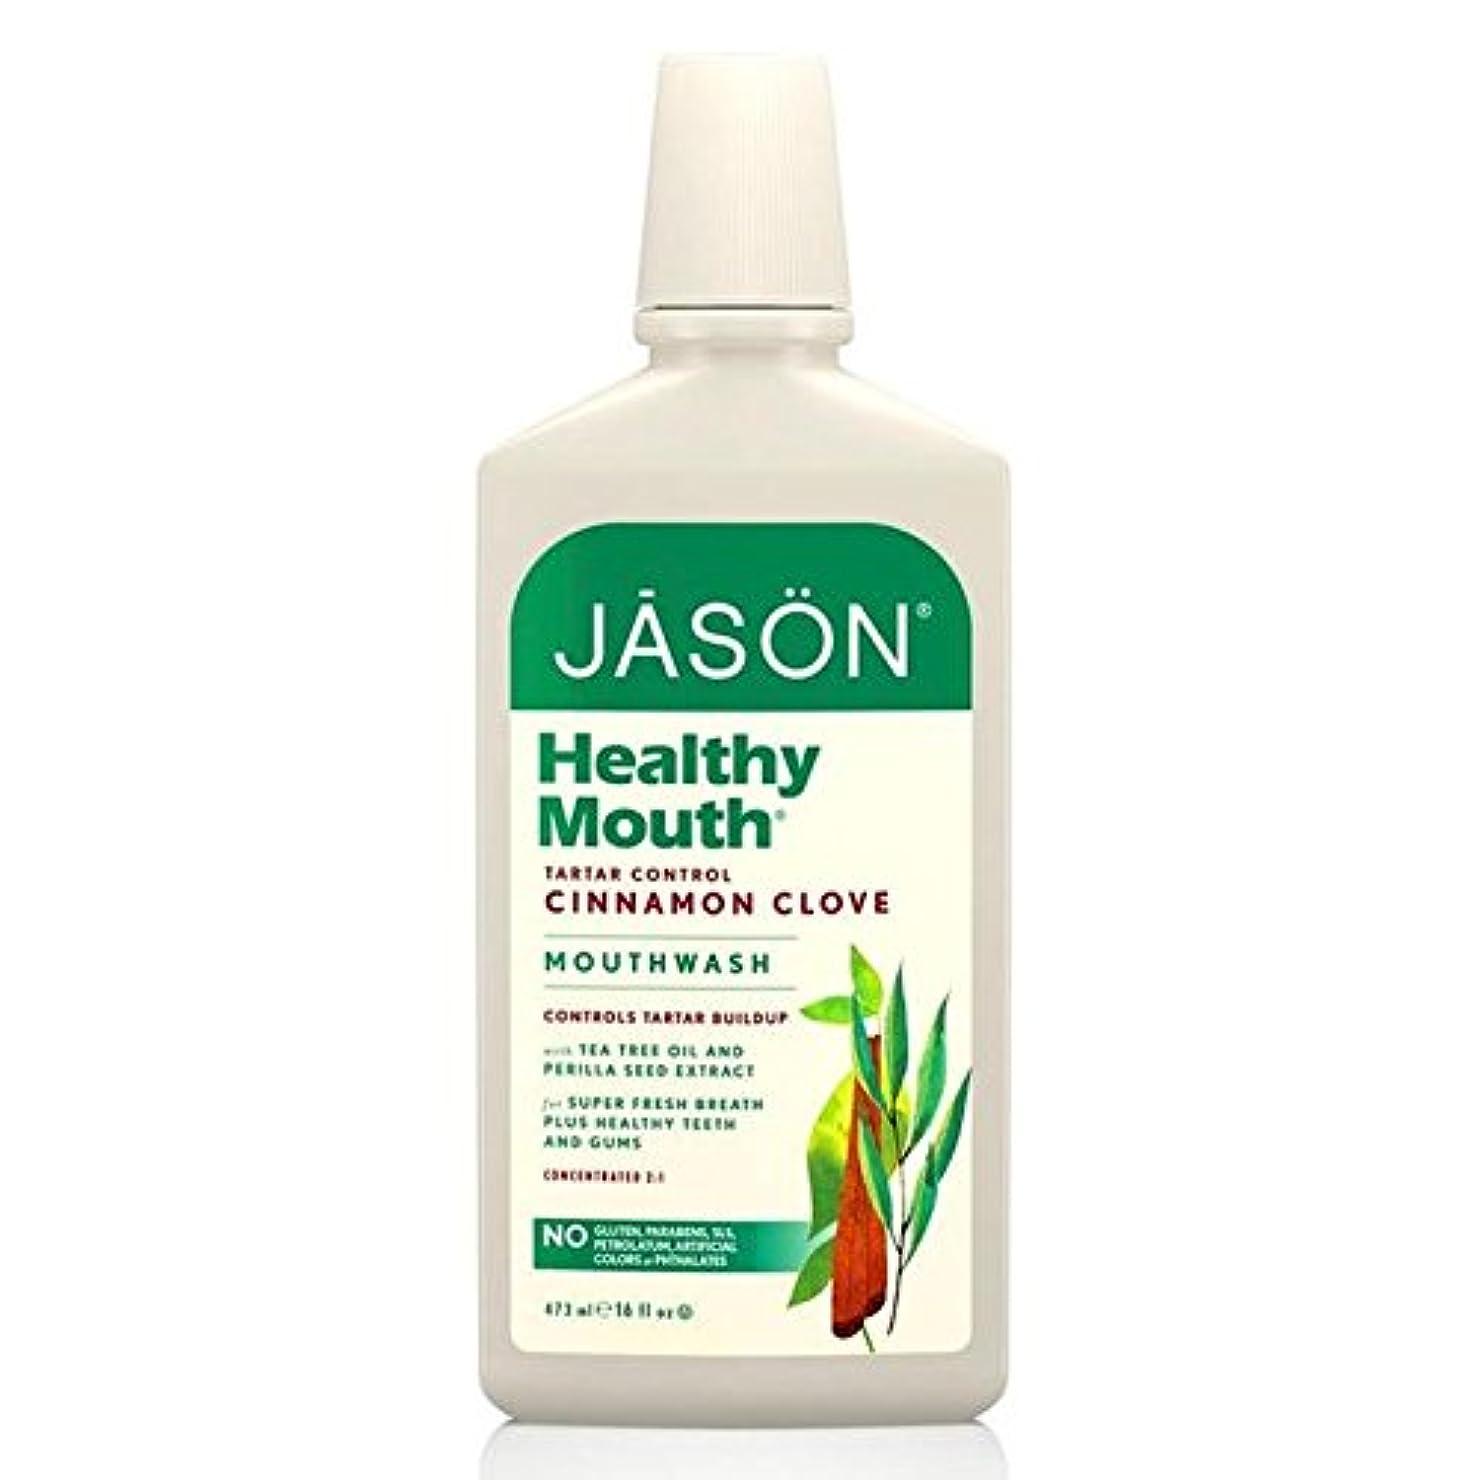 セージ寸法統計ジェイソン?健康マウスウォッシュ480ミリリットル x4 - Jason Healthy Mouthwash 480ml (Pack of 4) [並行輸入品]